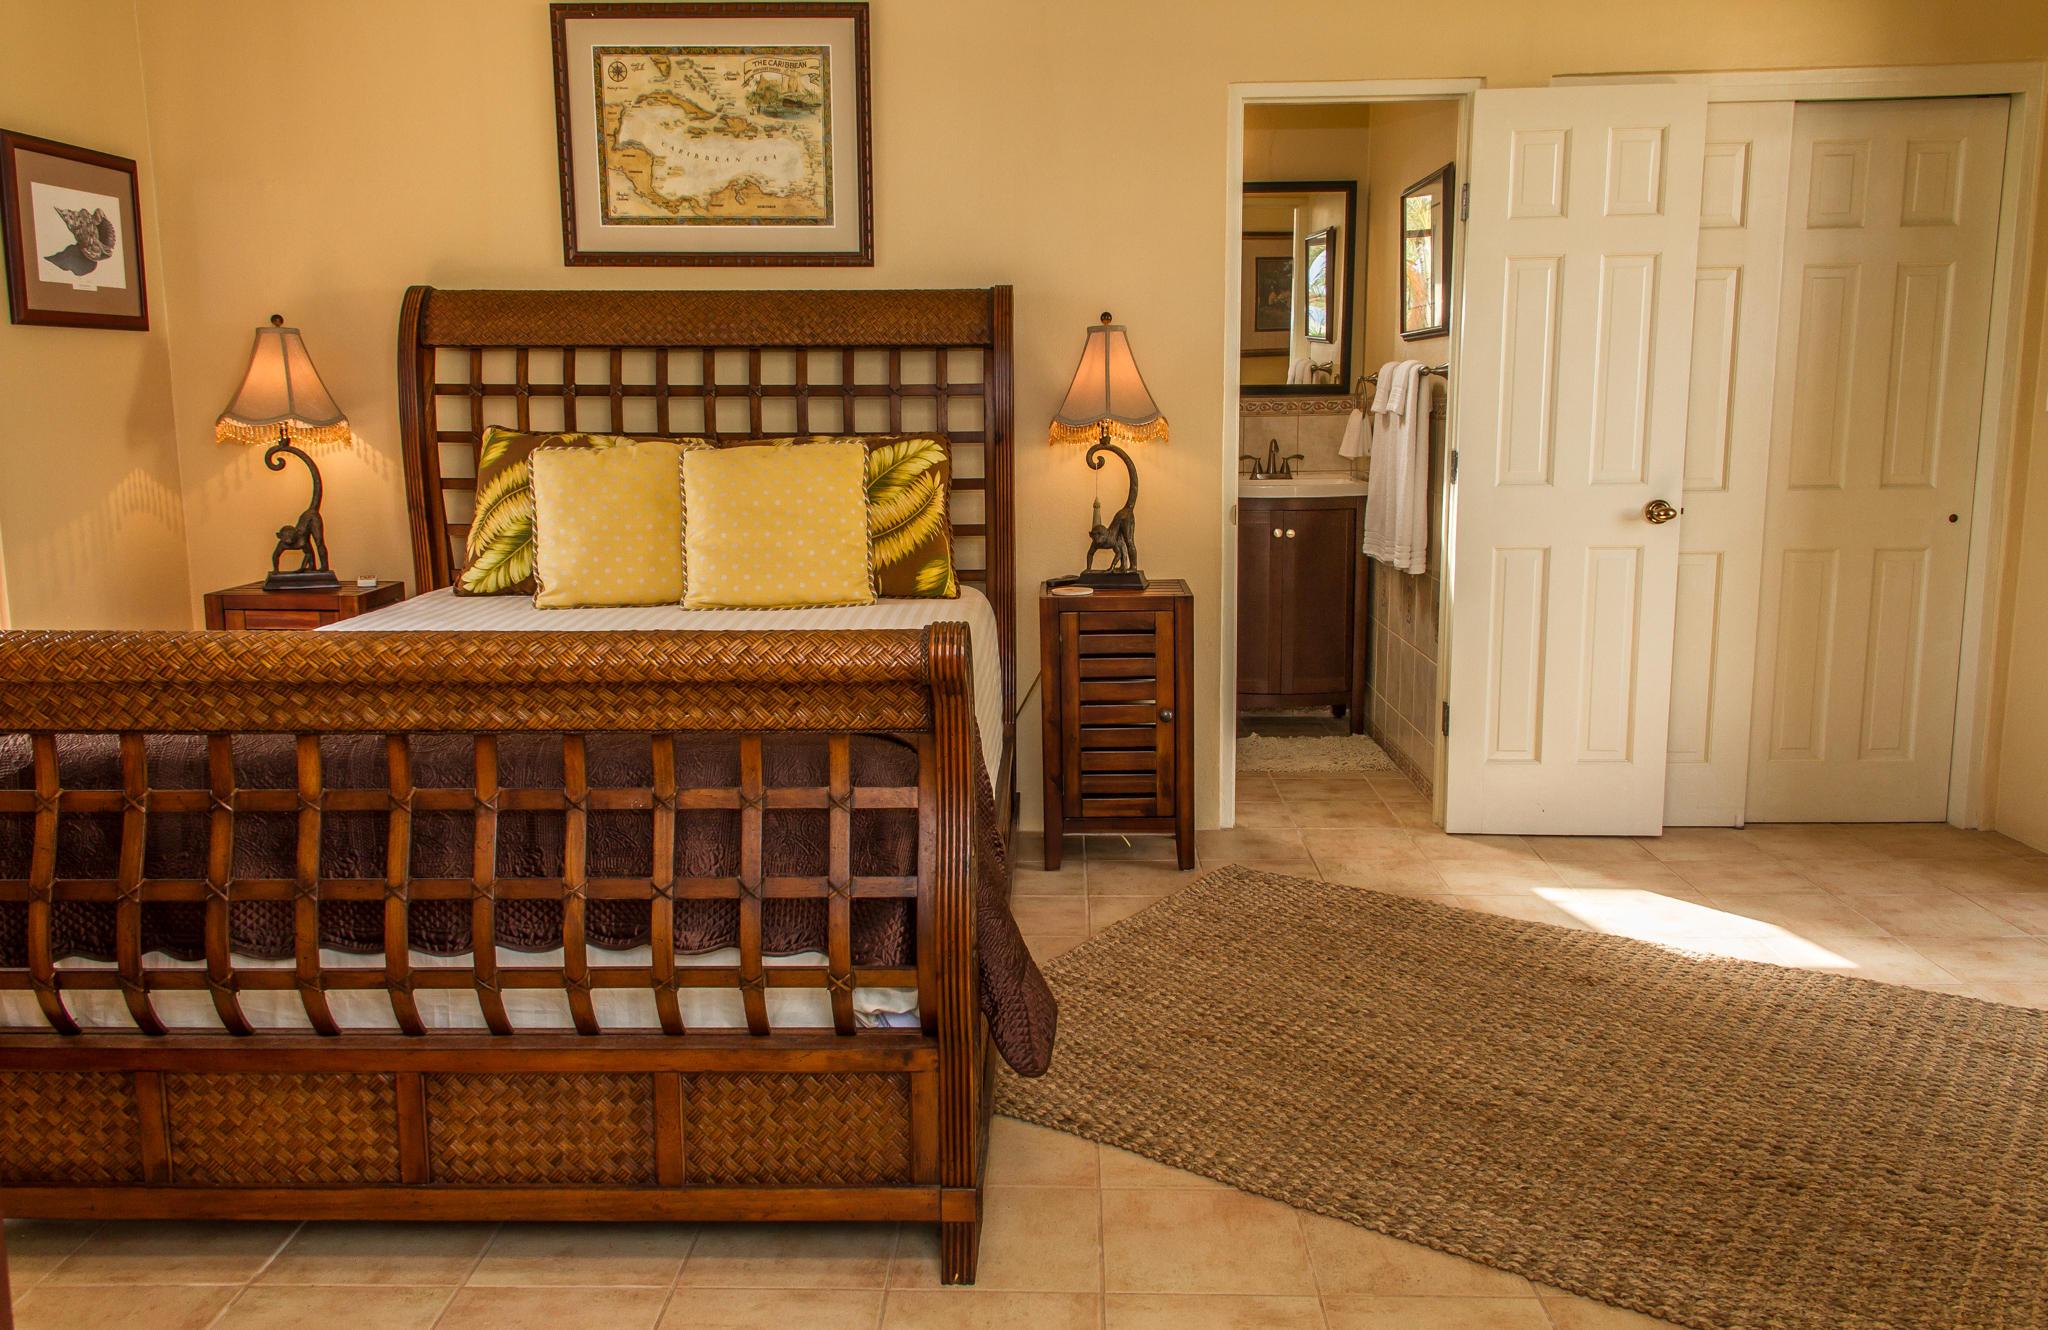 Spciaous guest suite